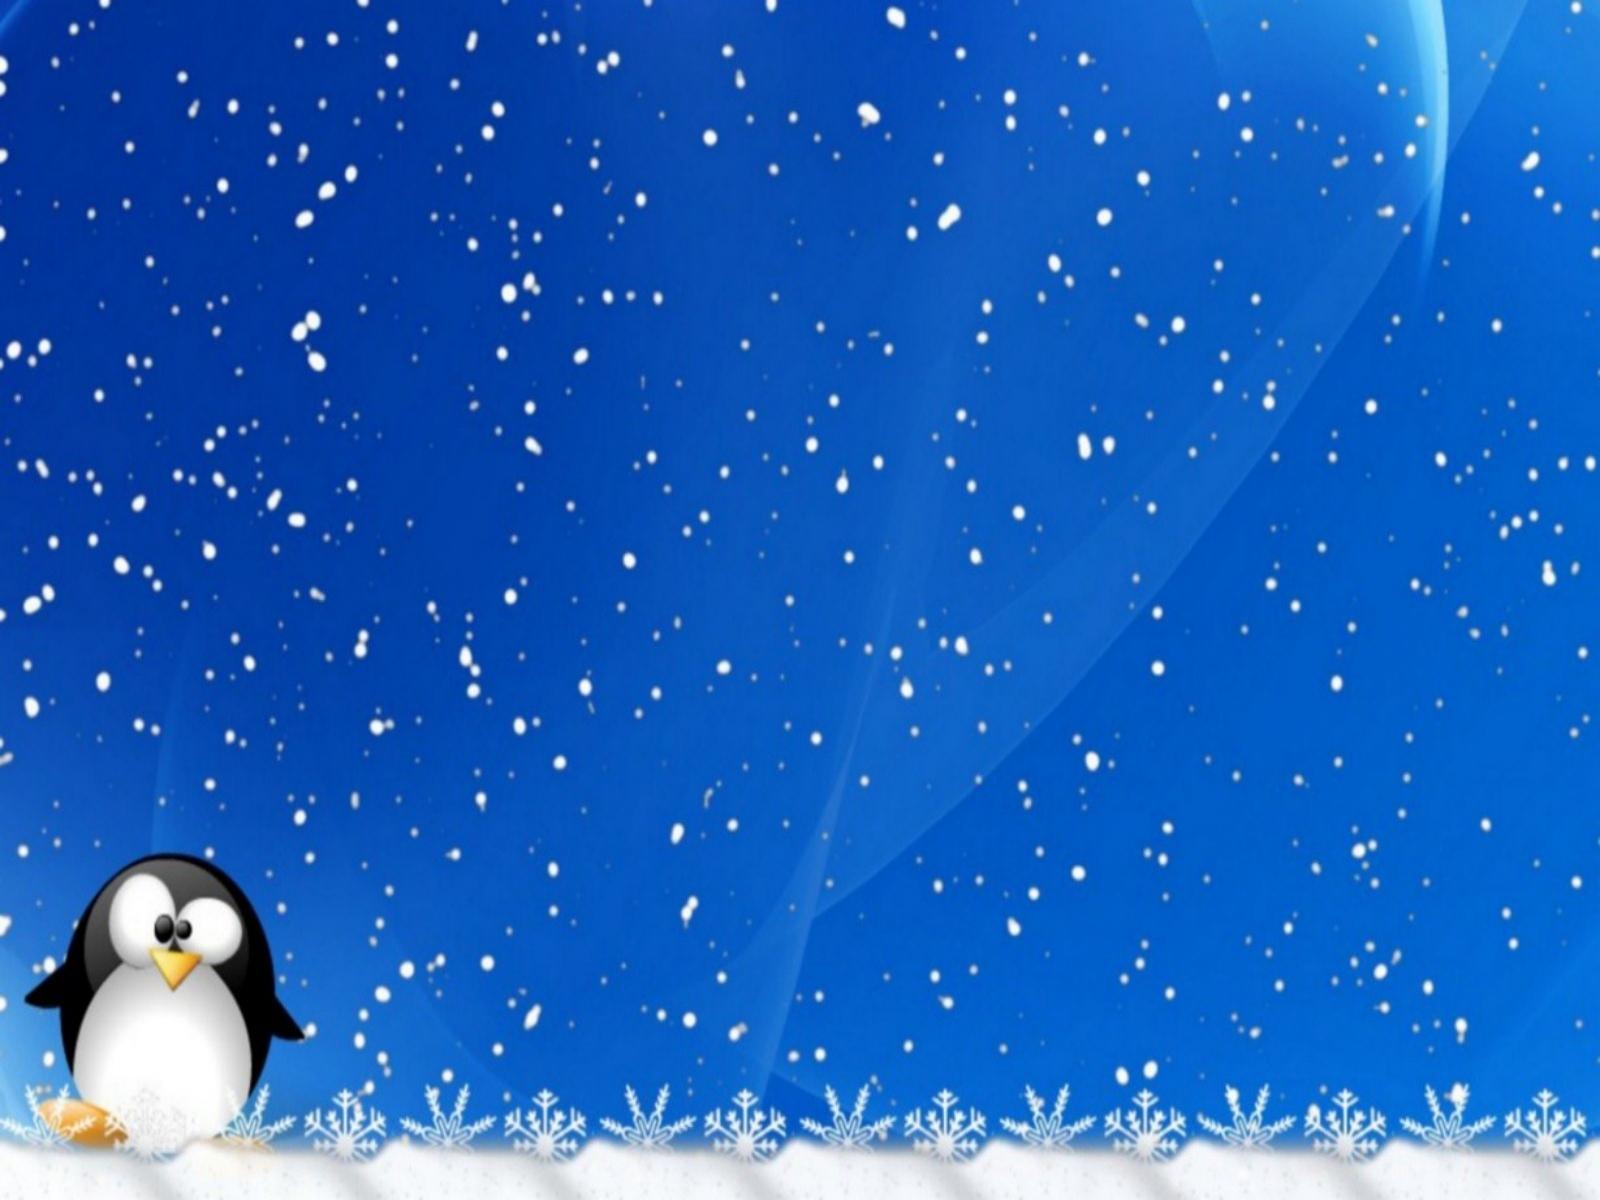 Winter Desktop Backgrounds   wwwwallpapers in hdcom 1600x1200